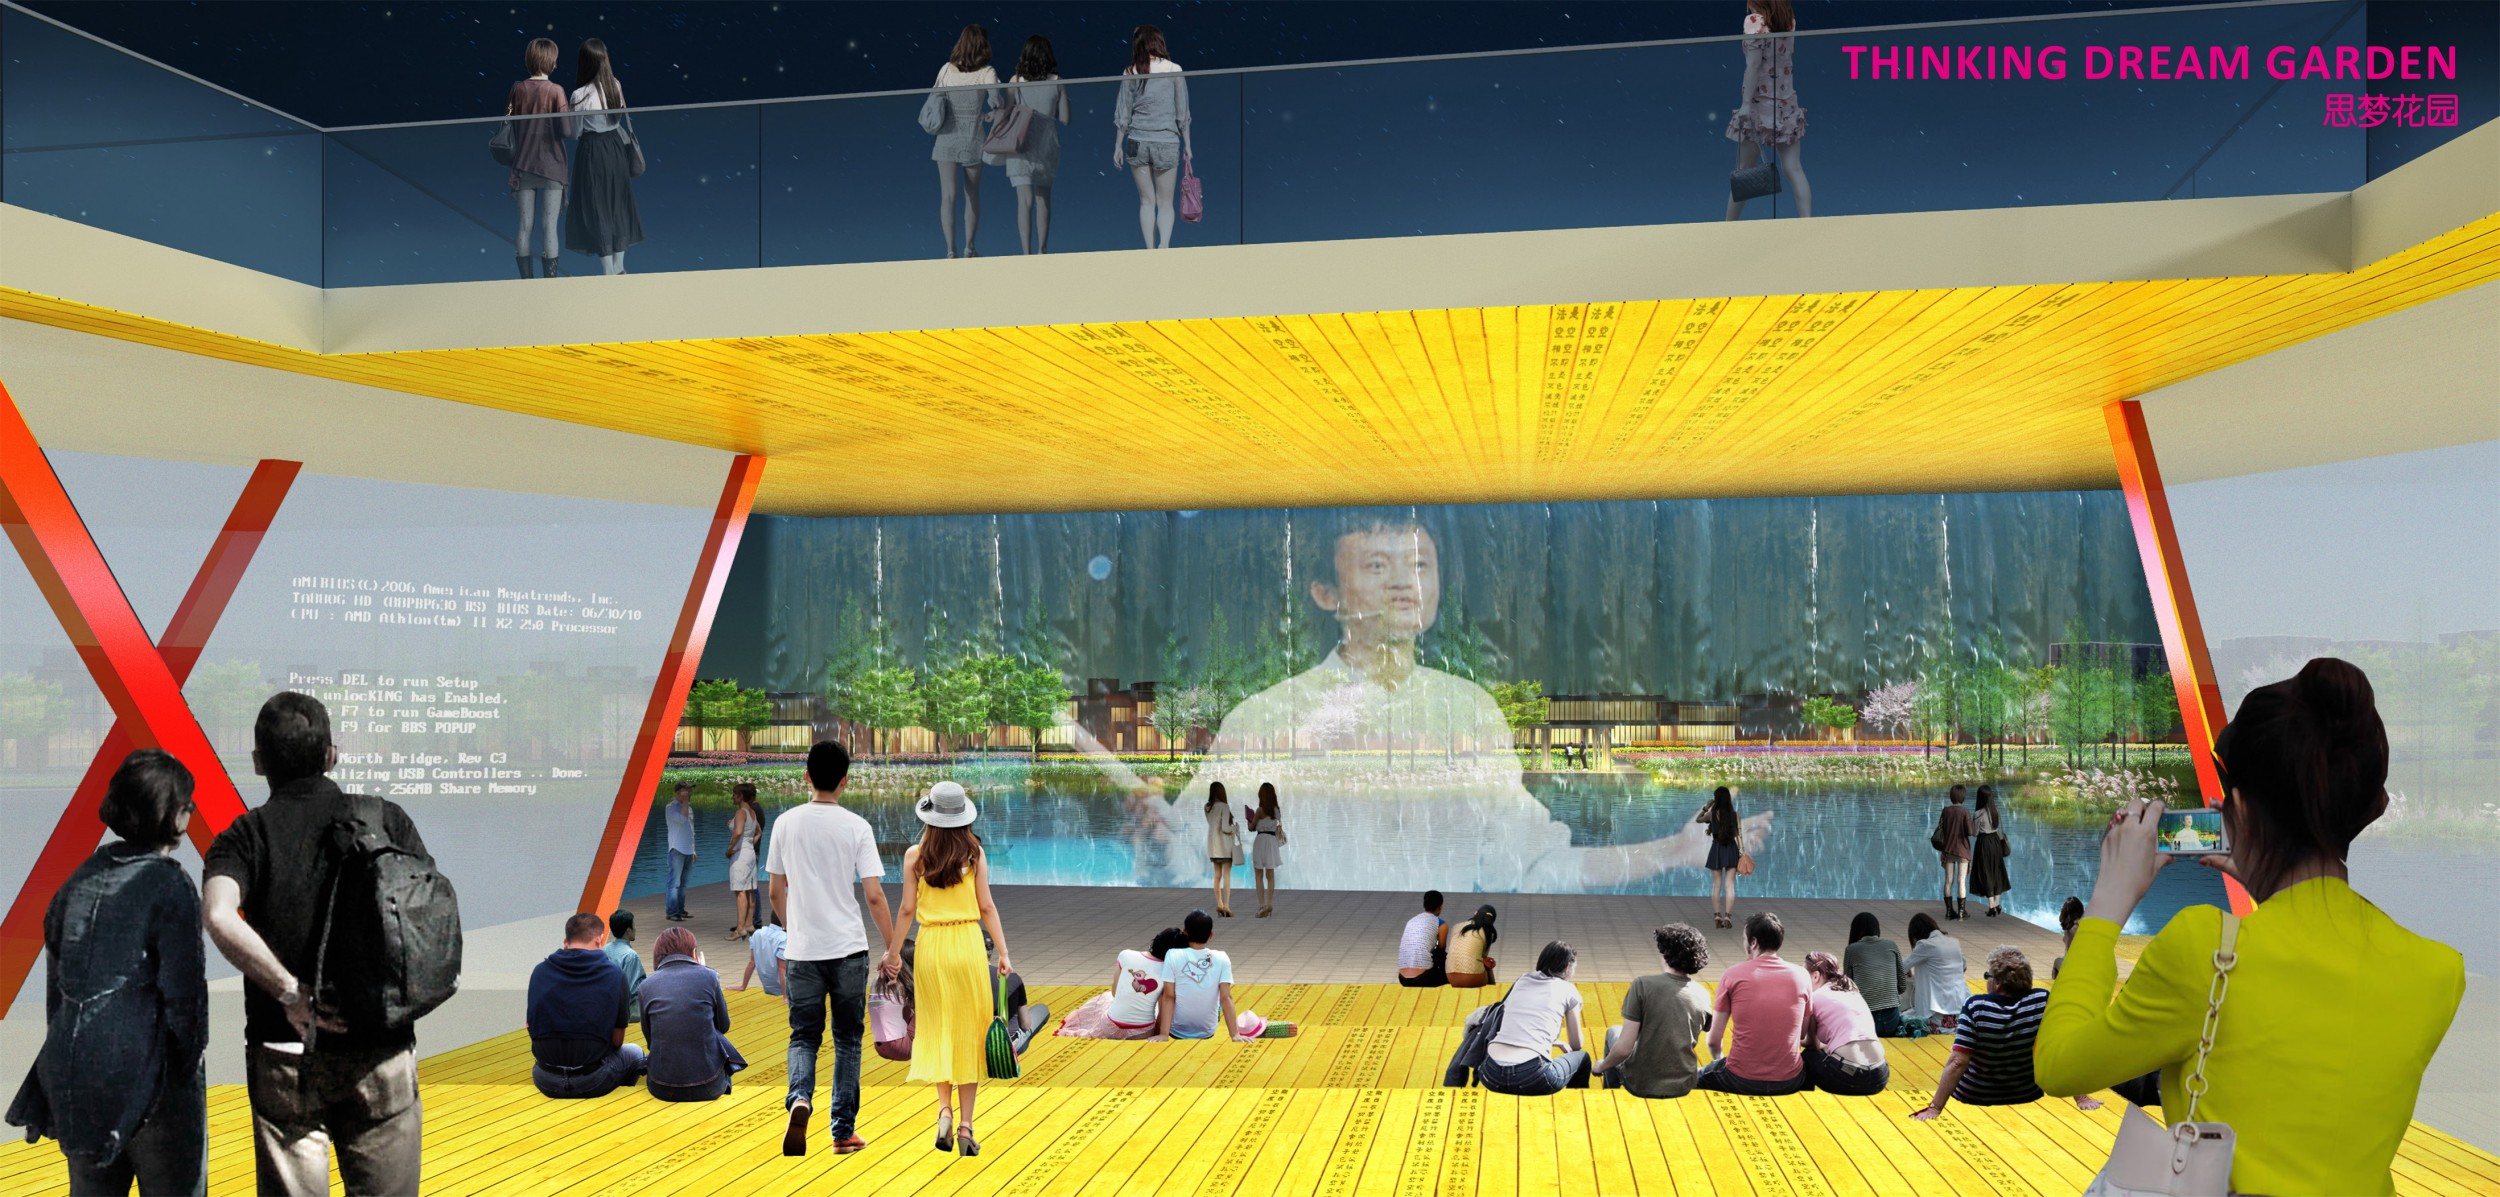 2015年杭州梦想小镇概念规划设计国际竞标中标方案—NITA-4.jpg